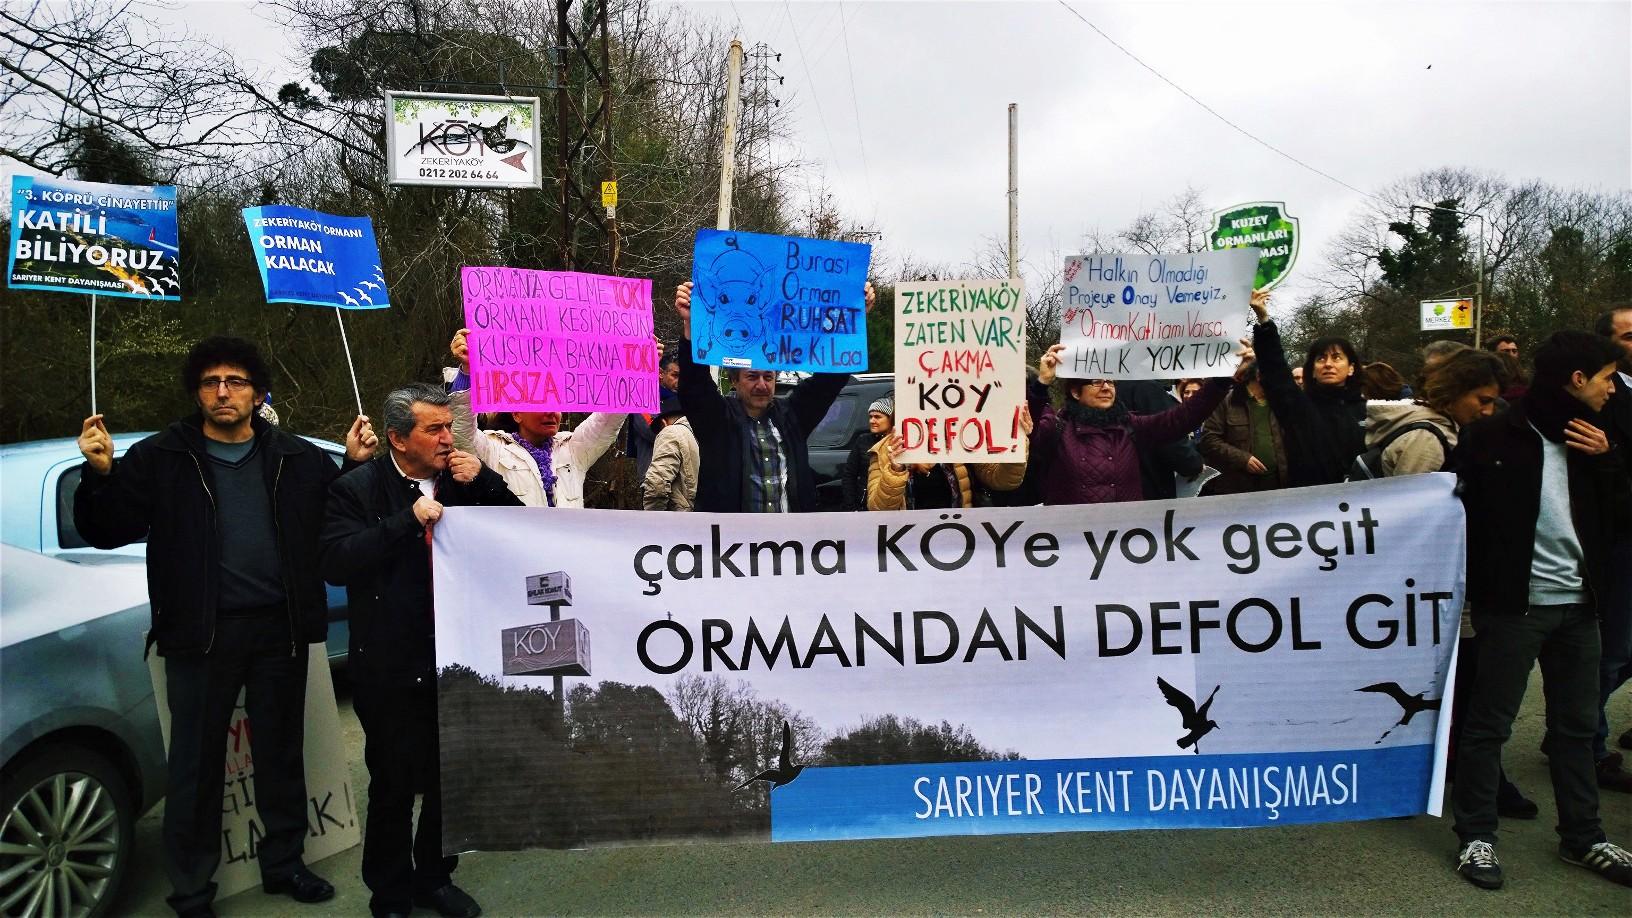 Yaşam savunucuları Zekeriyaköy Ormanı'nı yasadışı şantiyeden temizlemeye gitti